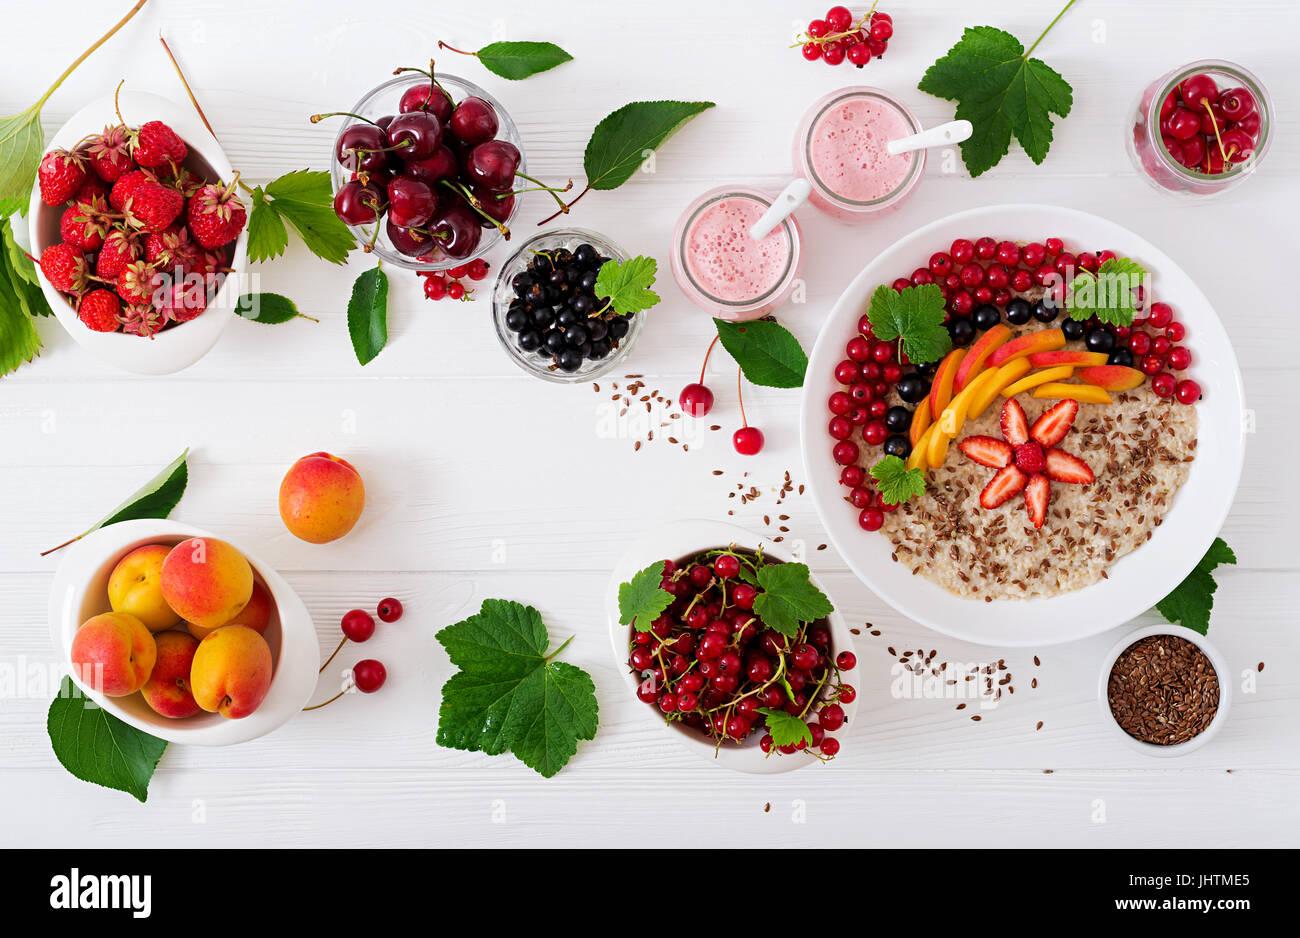 Deliciosas y saludables gachas de avena con Berry, las semillas de lino y batidos. Desayuno saludable. Alimentos Imagen De Stock